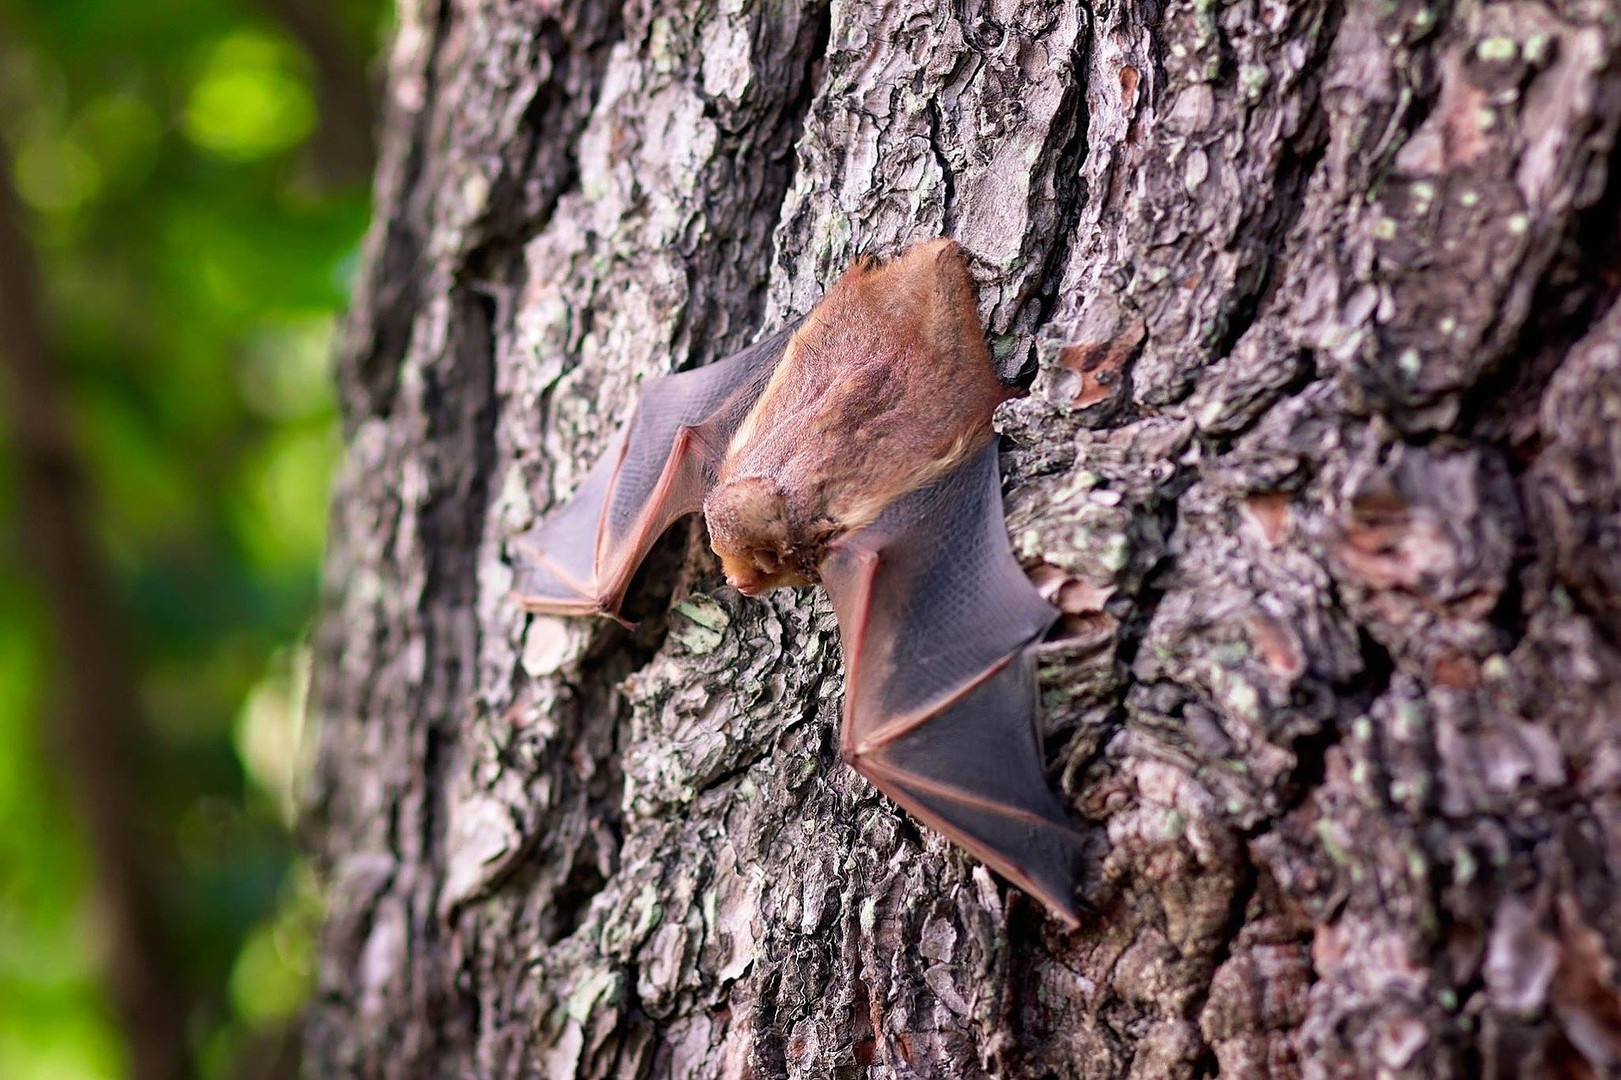 bat-1695186_1920.jpg